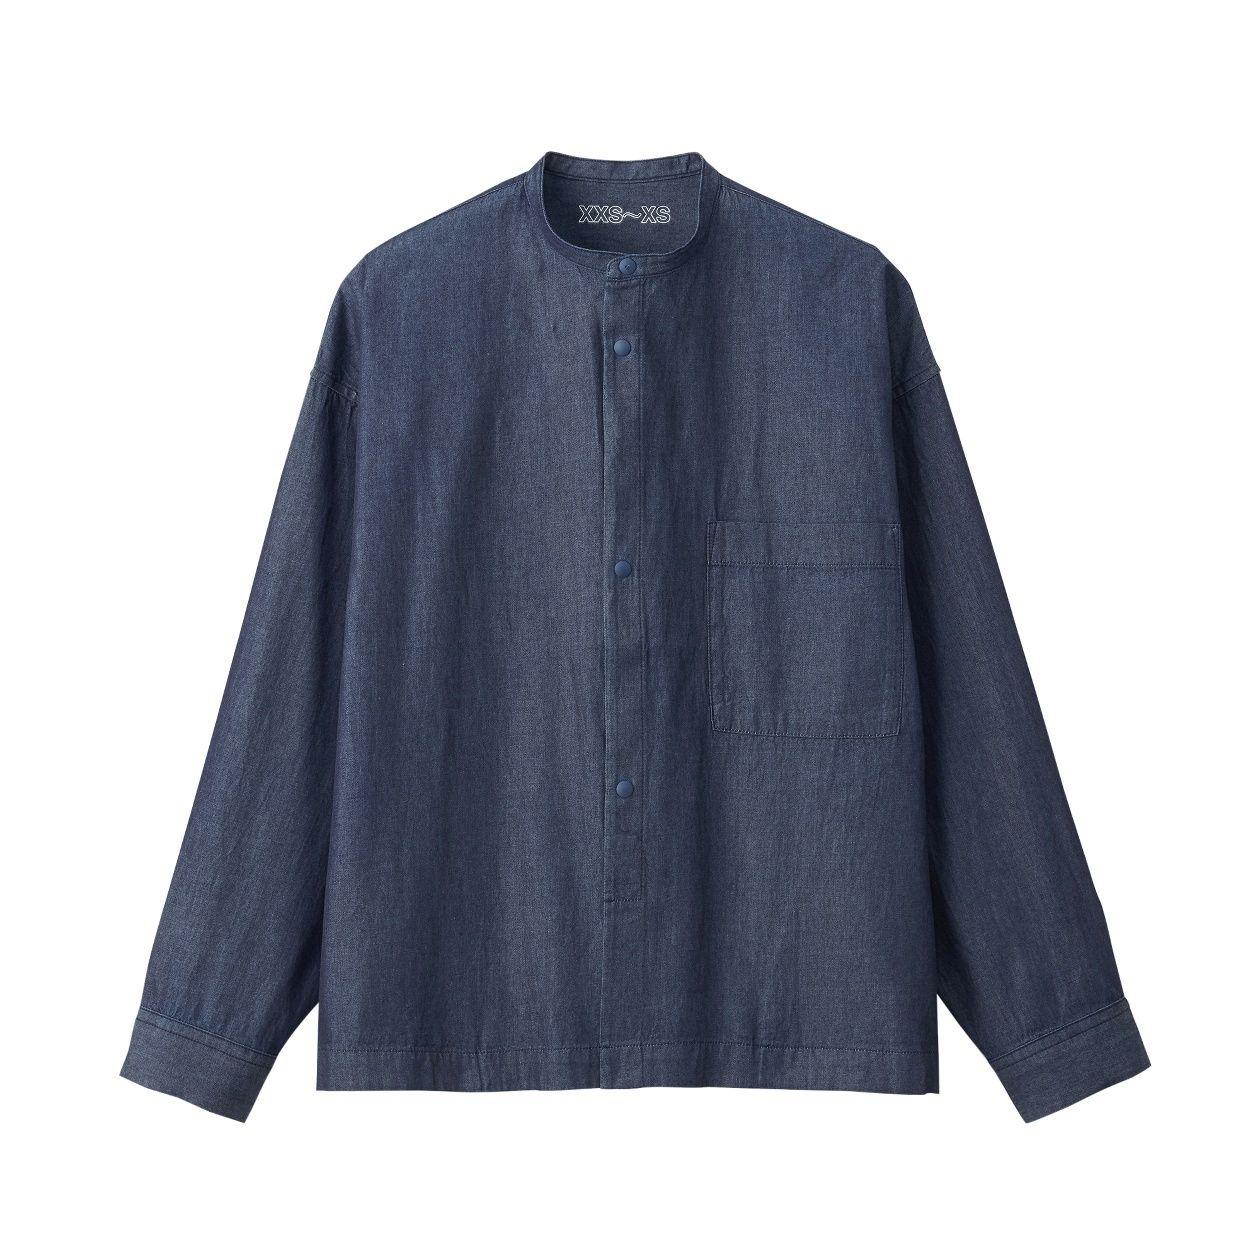 インディゴドロップショルダースタンドカラーシャツ